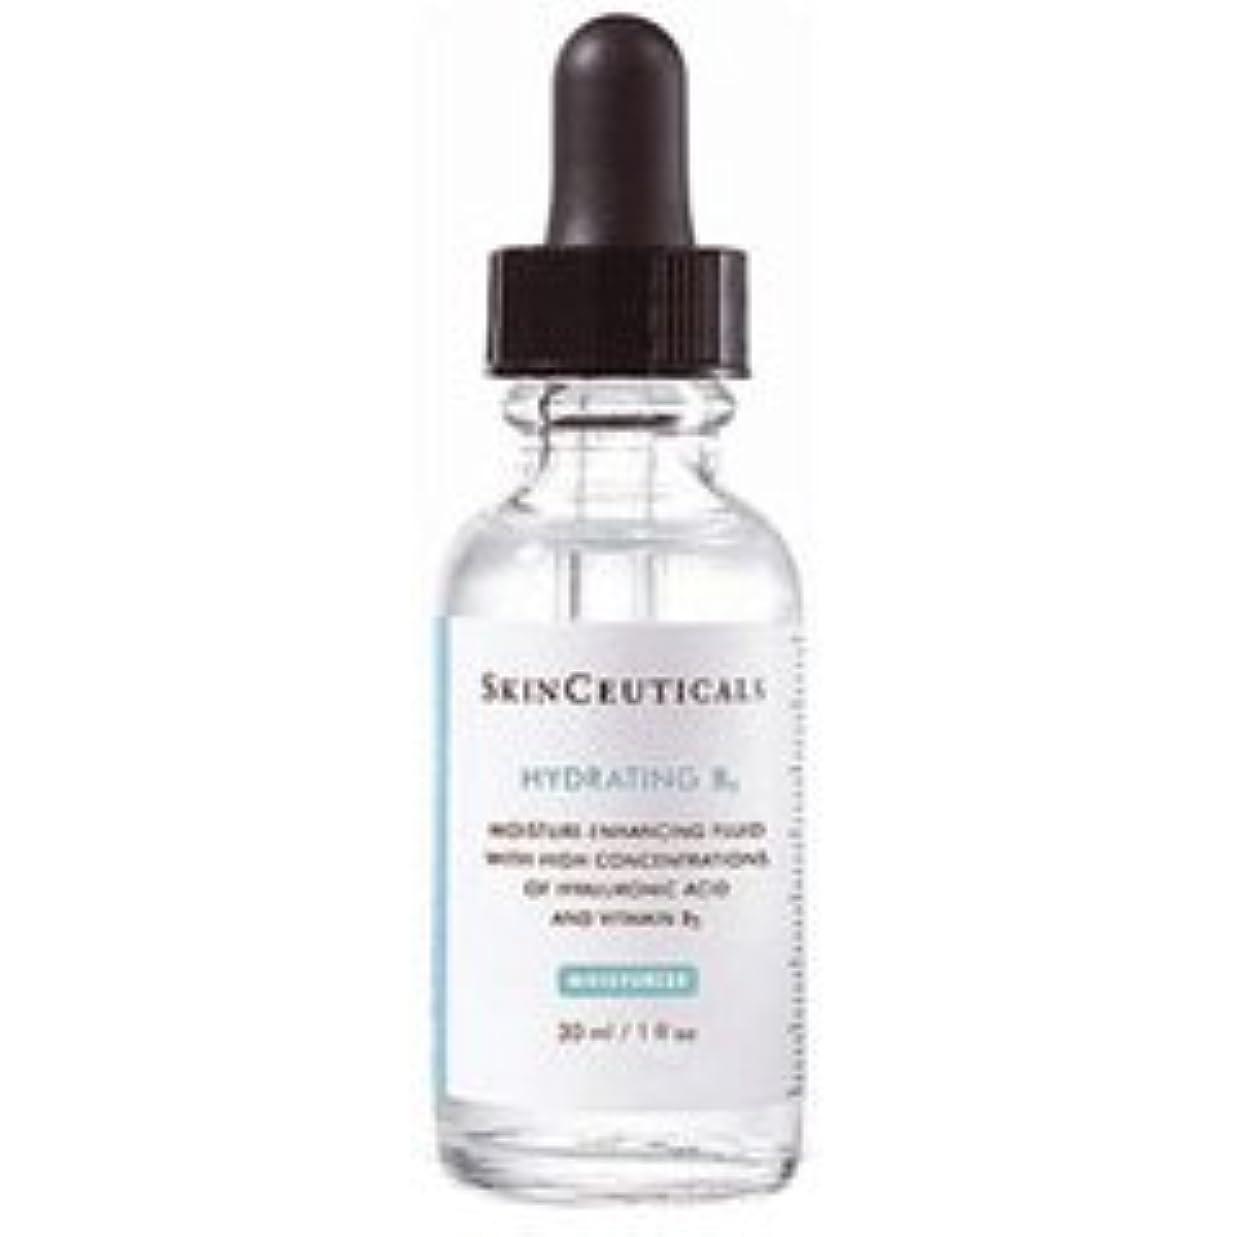 大通りオプショナルオーナースキンシューティカルズ(Skinceuticals) ハイドレイティングB5ジェル 30ml [海外直送品][並行輸入品]